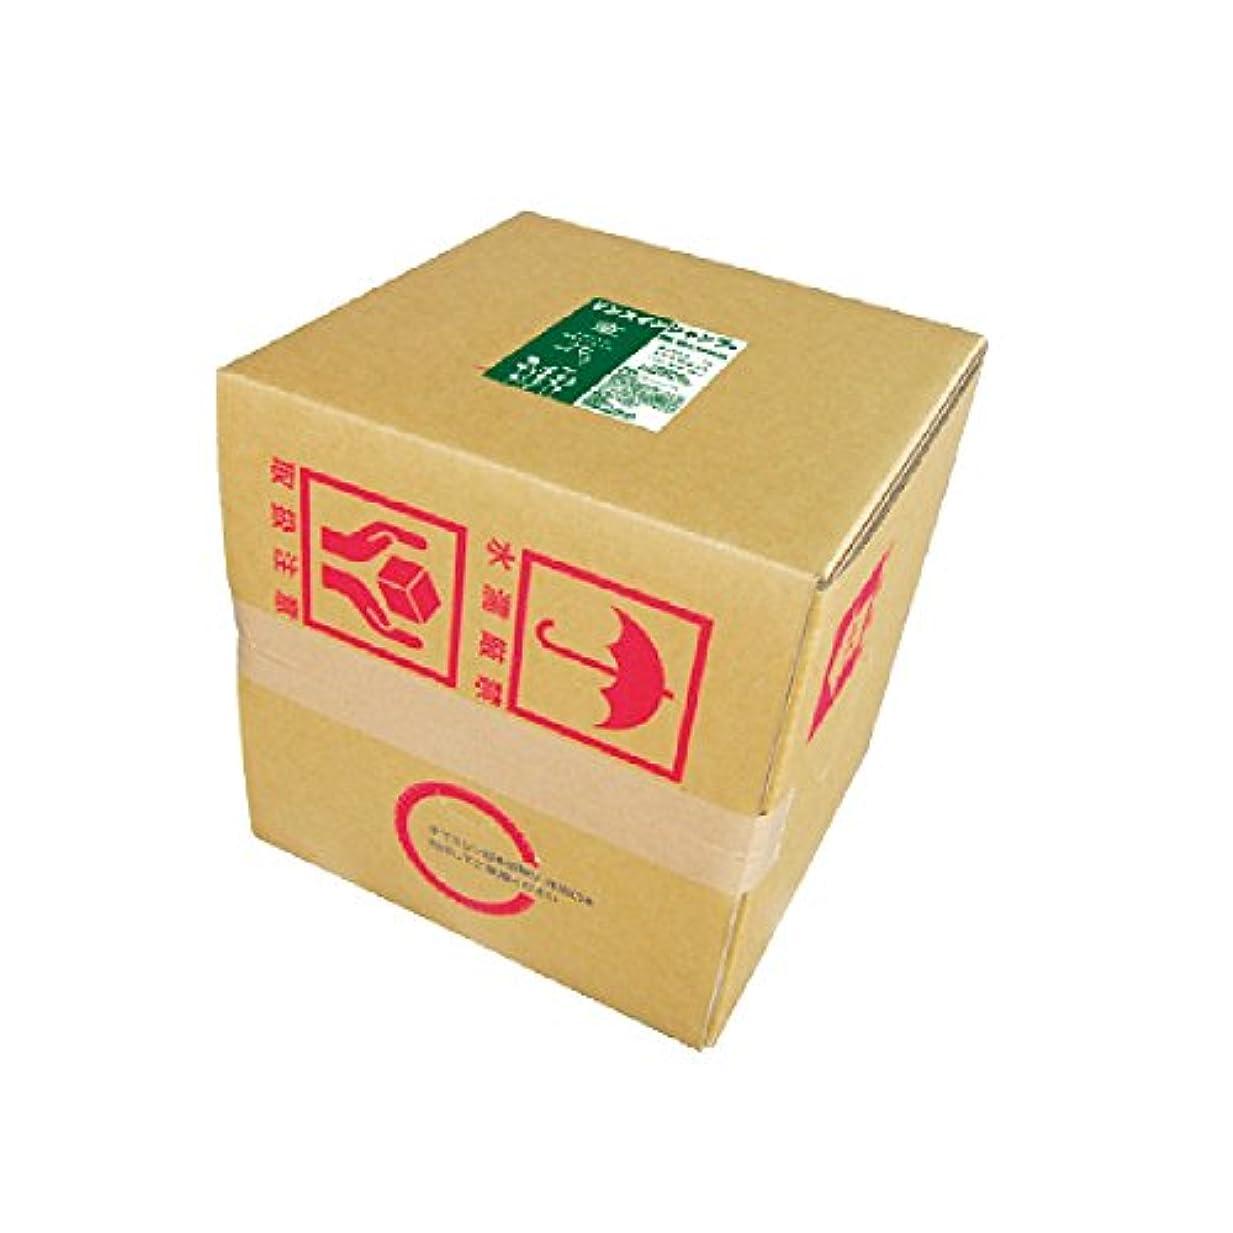 解釈するブリーフケース繕うくさの葉化粧品 リンスインシャンプー 草花 5リットル